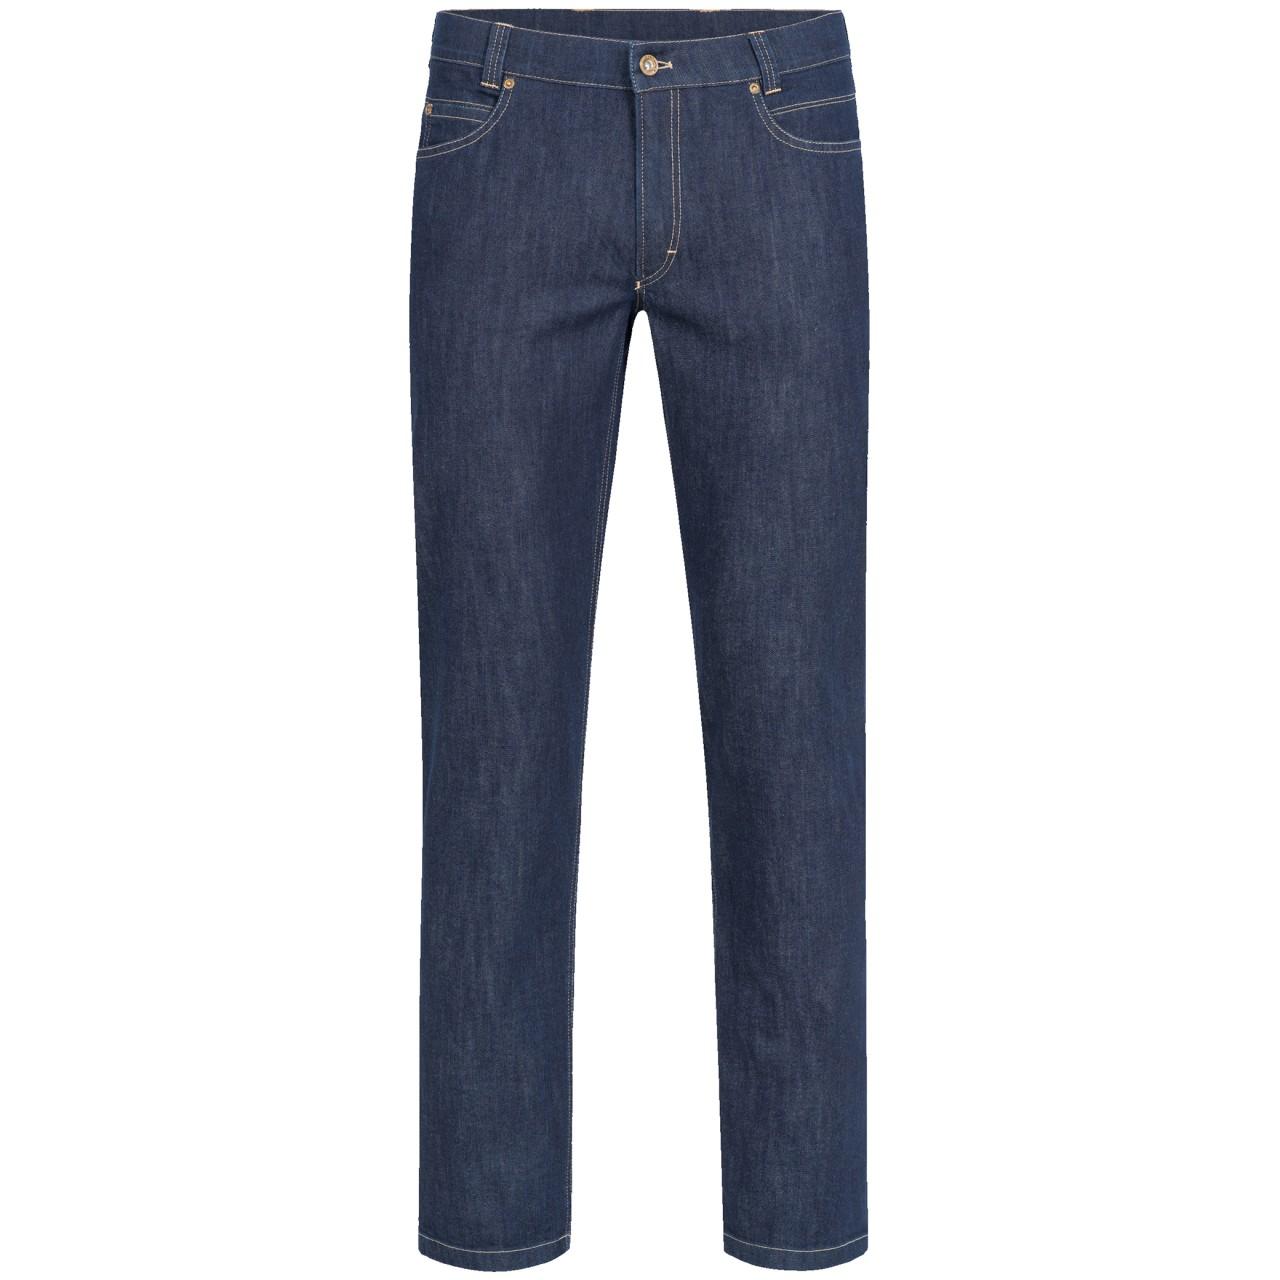 Herren Jeans Greiff® | bedrucken, besticken, bedrucken lassen, besticken lassen, mit Logo |